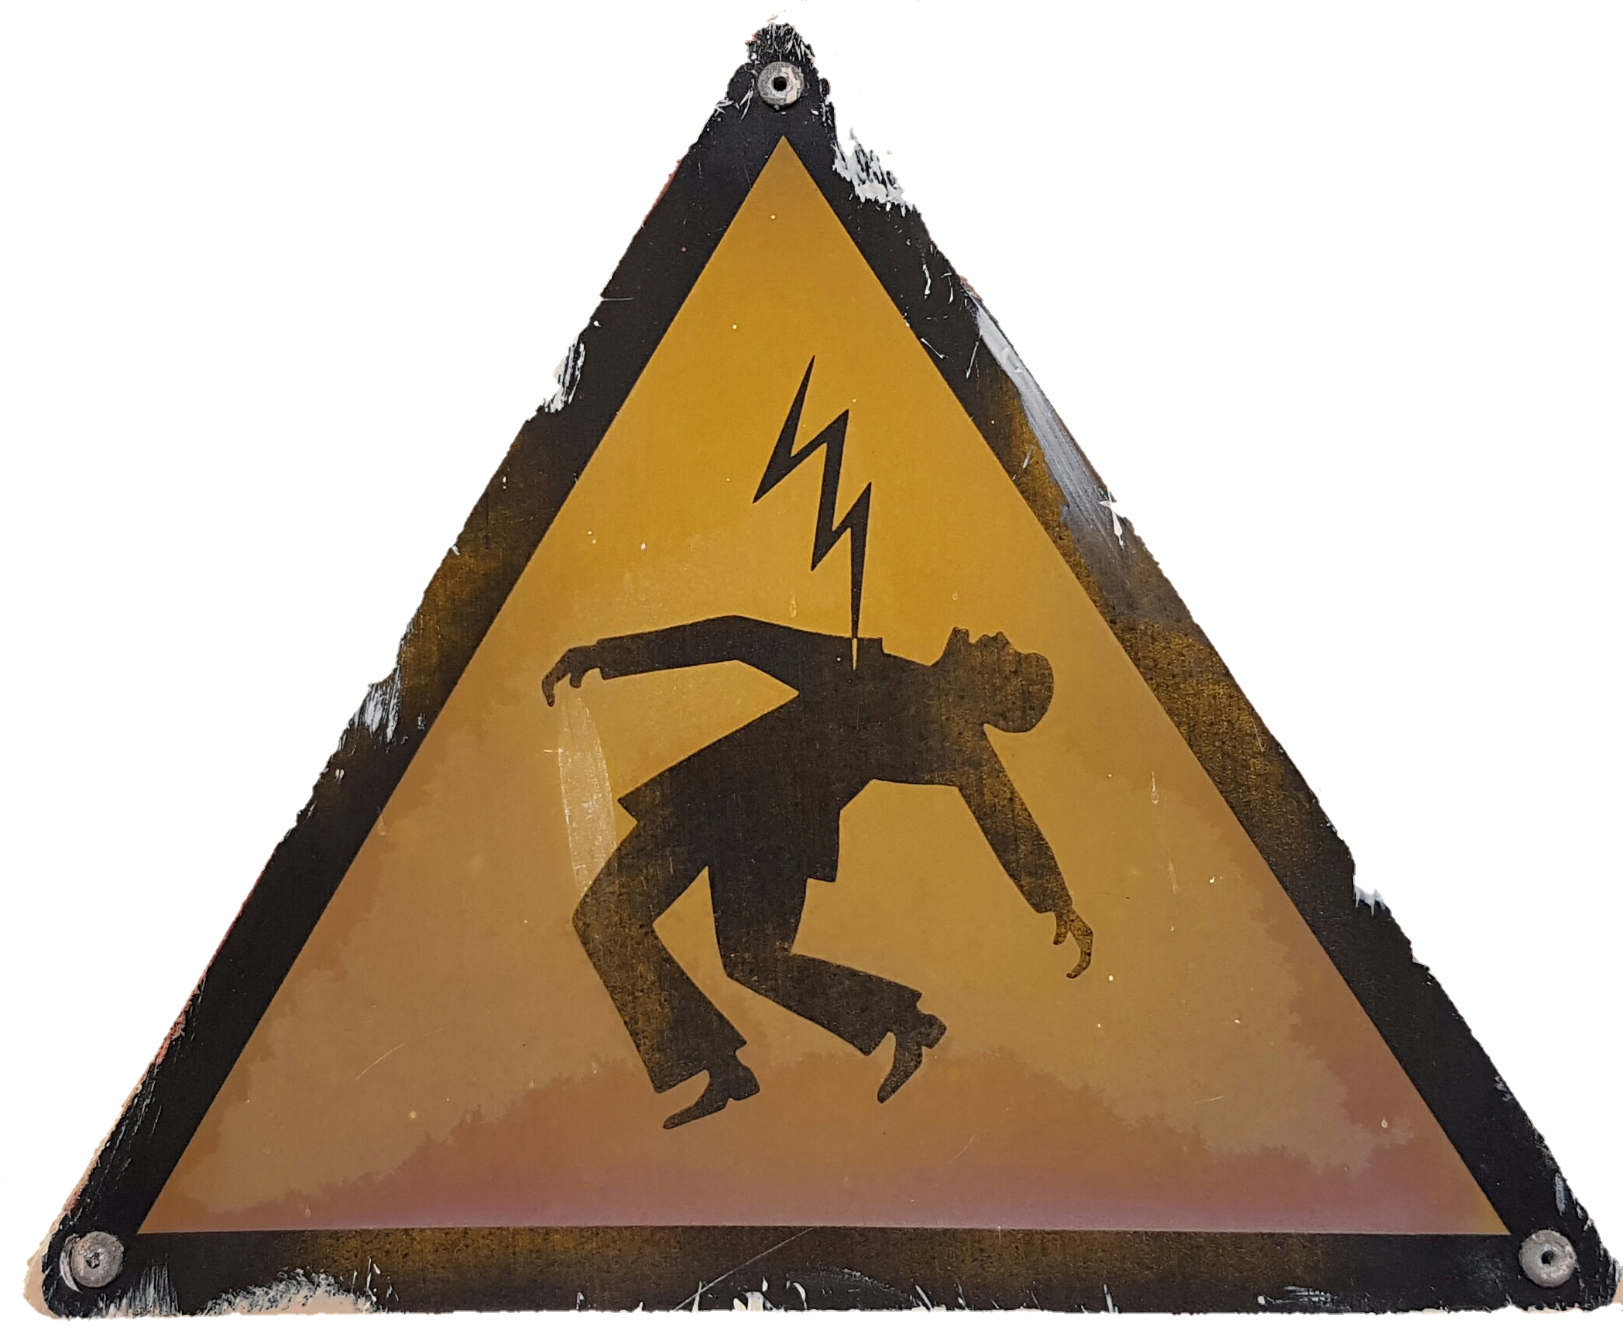 Das Foto zeigt ein dreieckiges Warnschild, welches vor Gefahren durch Stromschläge warnt. Auf gelbem Hintergrund ist ein in schwarzer Farbe stilisierter man zu sehen, der sich theatralisch nach hinten beugt und von einem von oben kommenden Blitz an der Brust getroffen wird.